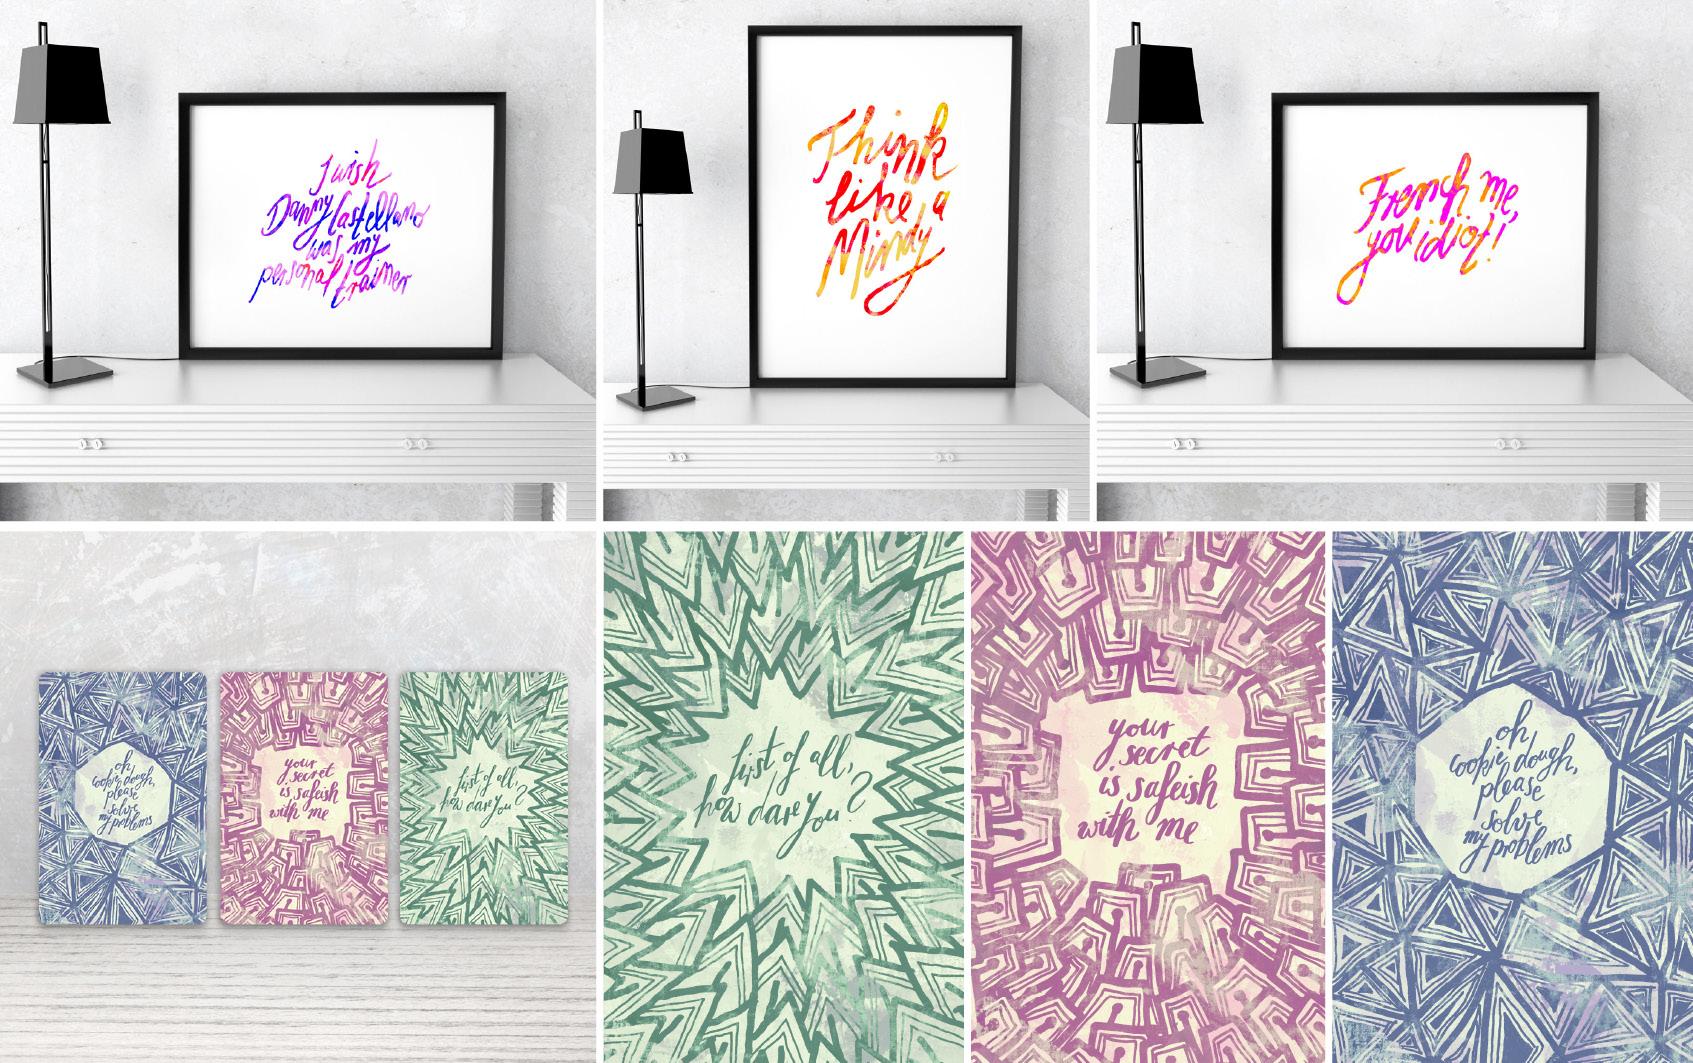 SusanneKasielke-collections-055.jpg